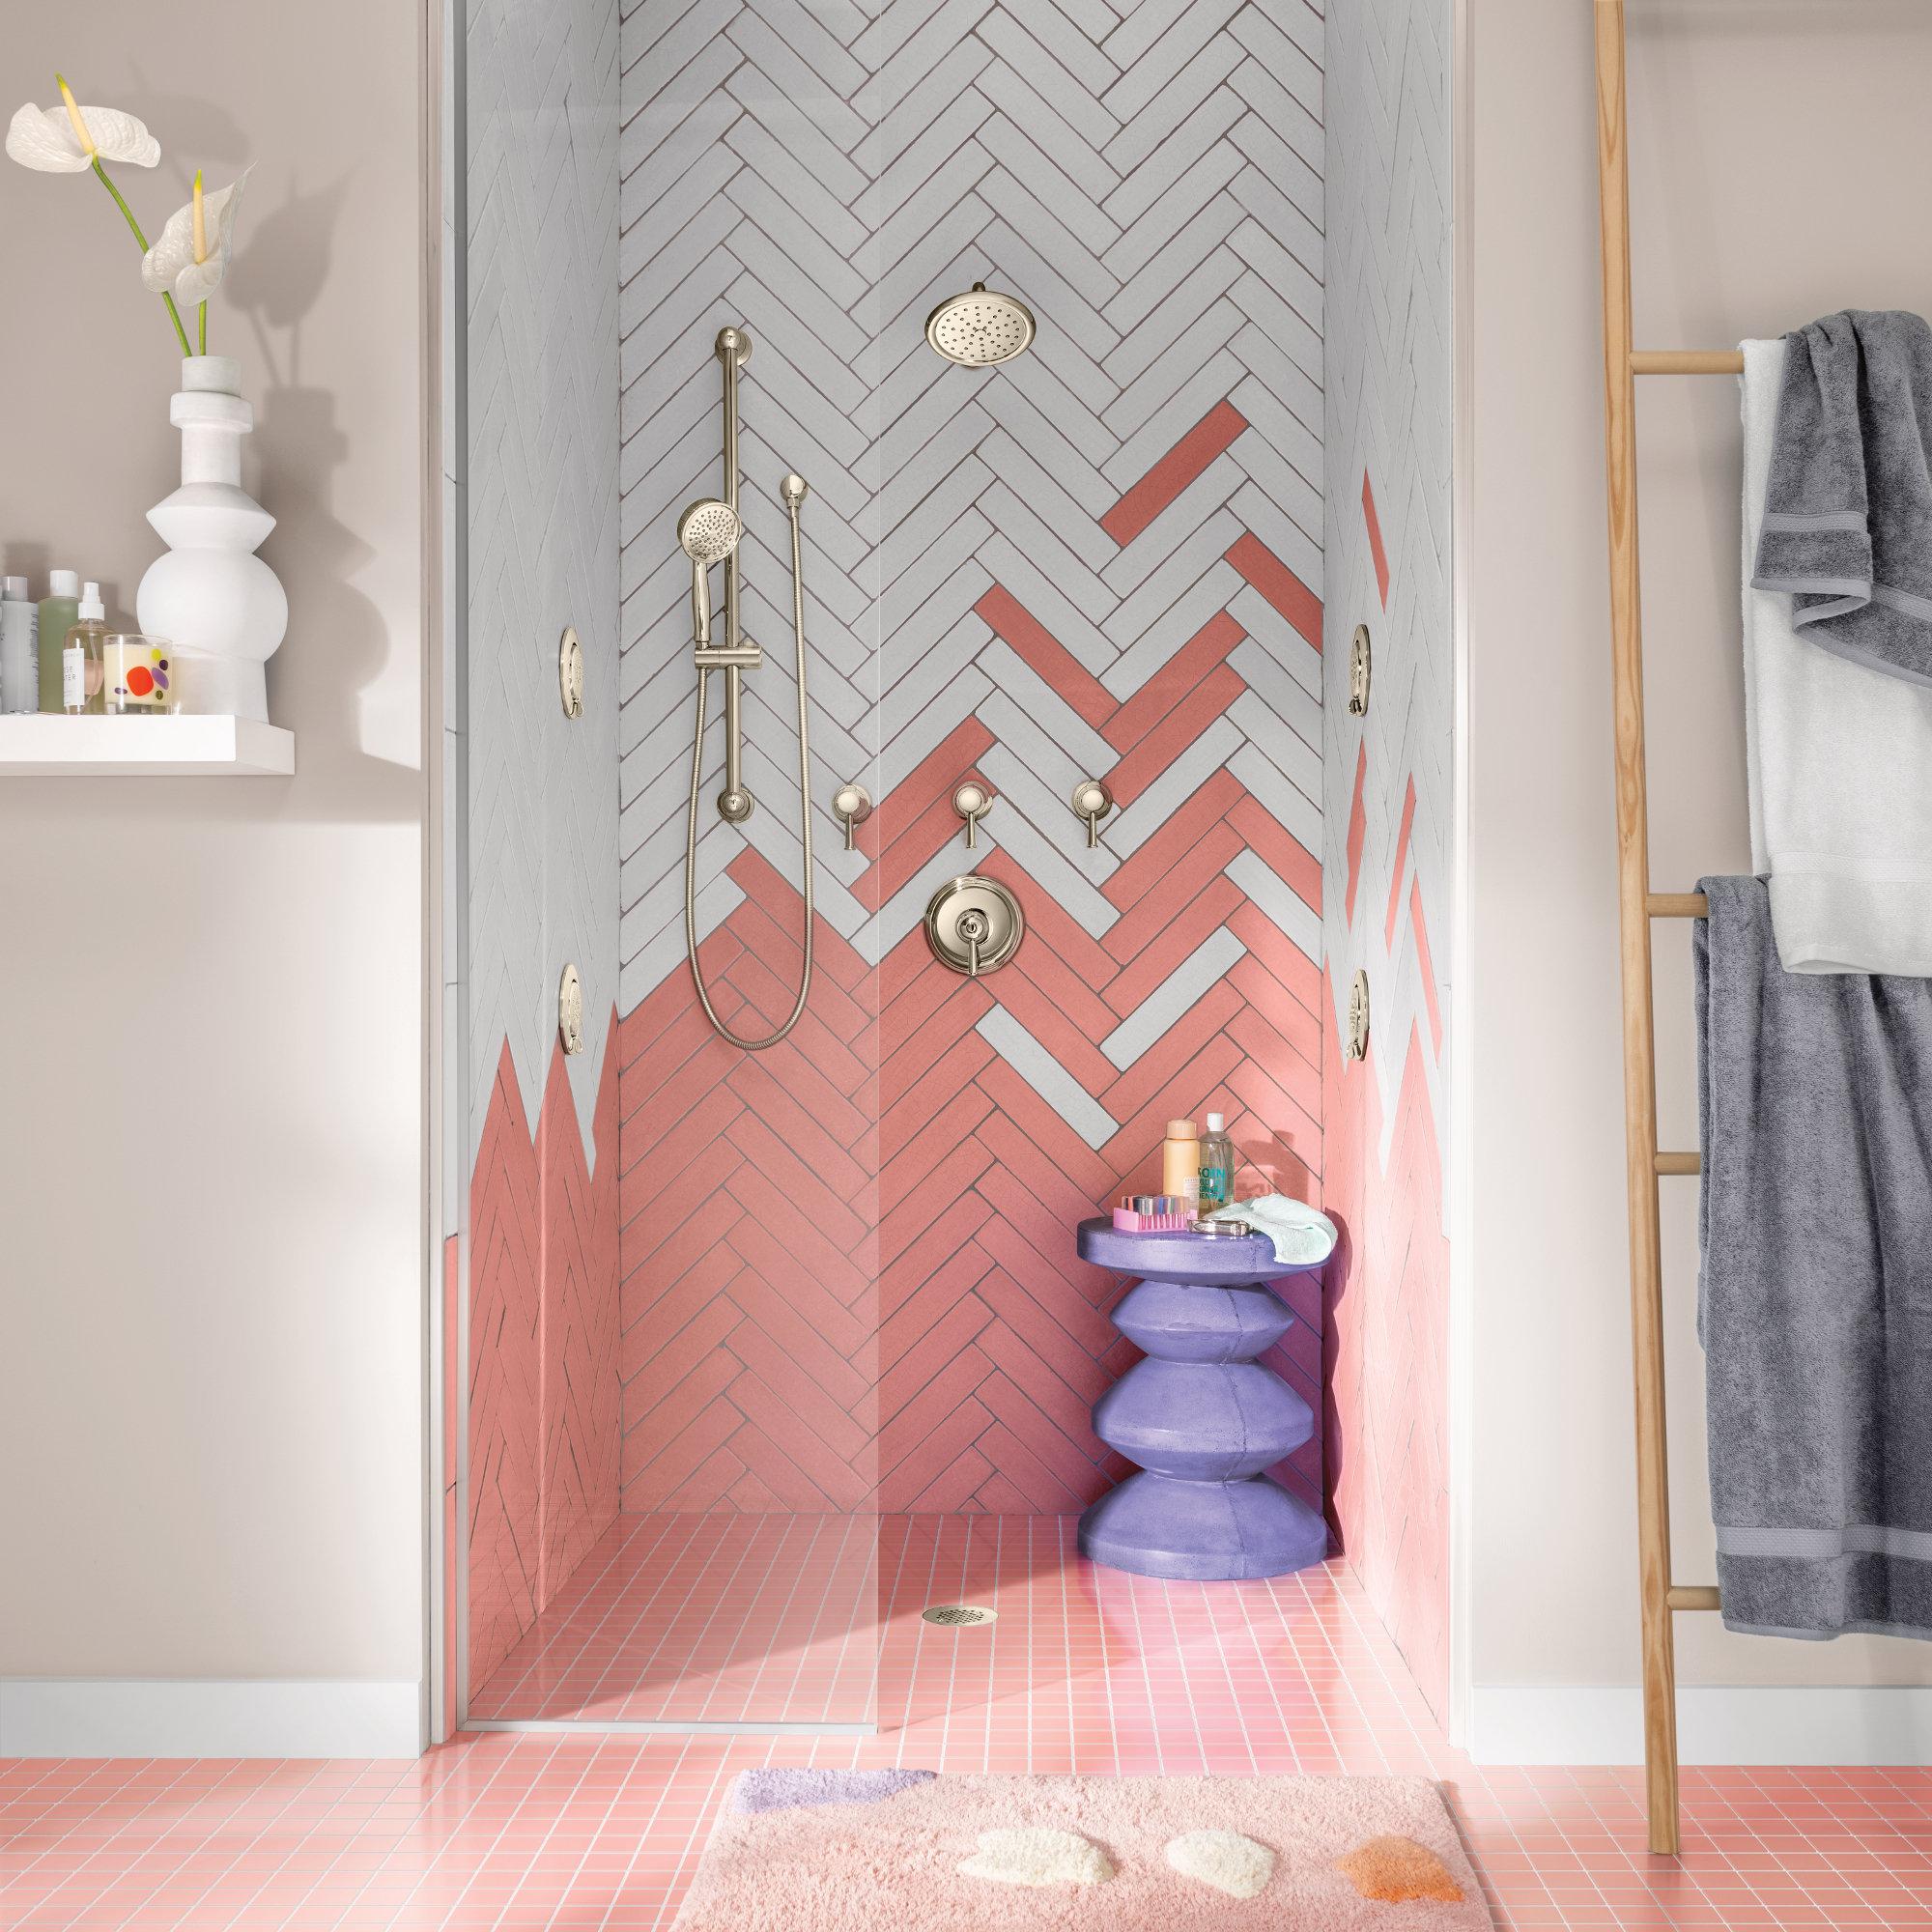 14 Simply Stunning Bathroom Shower Ideas With Photos Wayfair